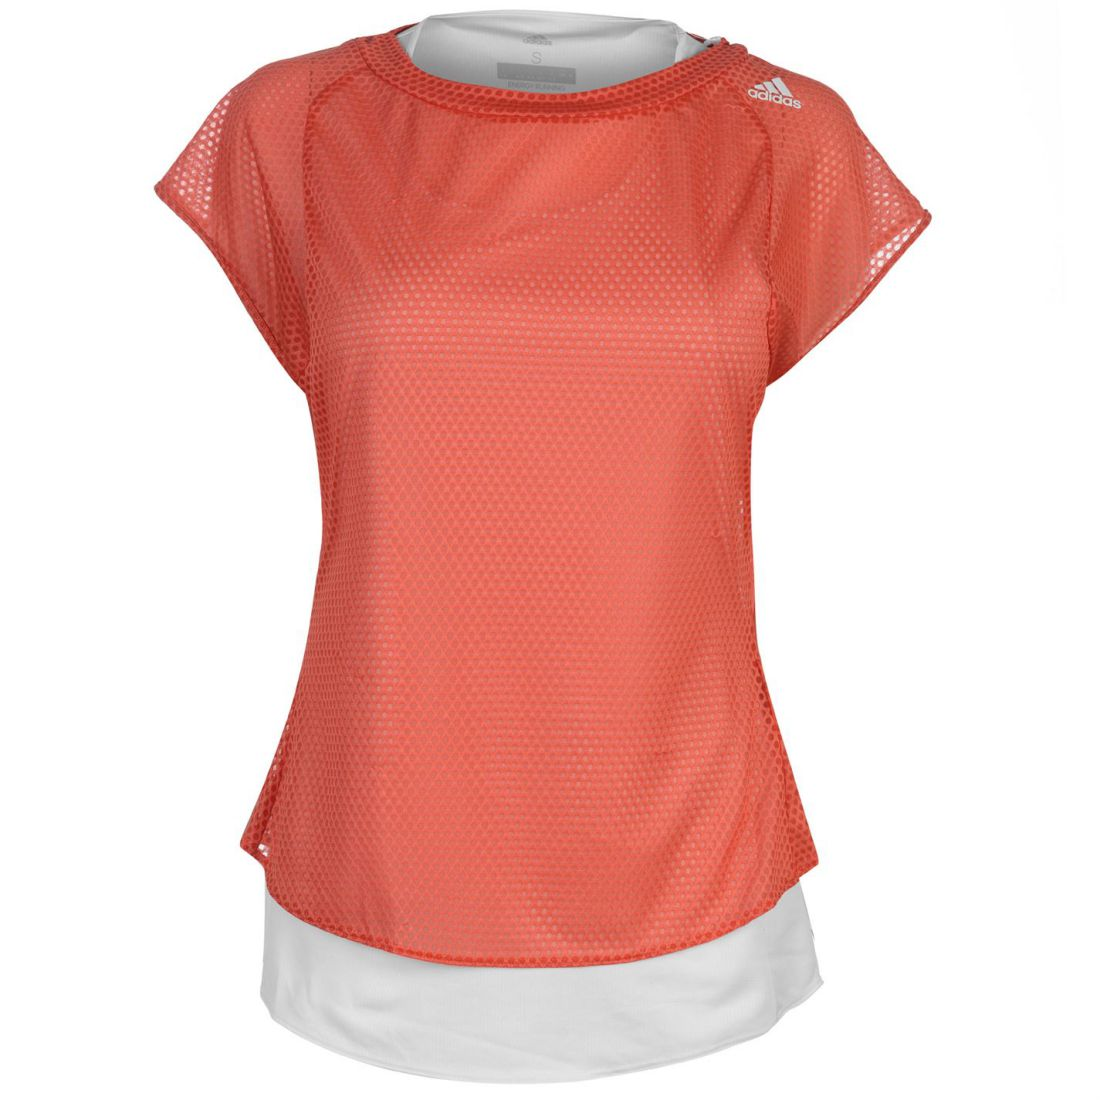 Performance T manches Tko Top pour femmes Scarletblanc manches T Adidas shirt à courtes shirt à courtes Aqc45jL3RS